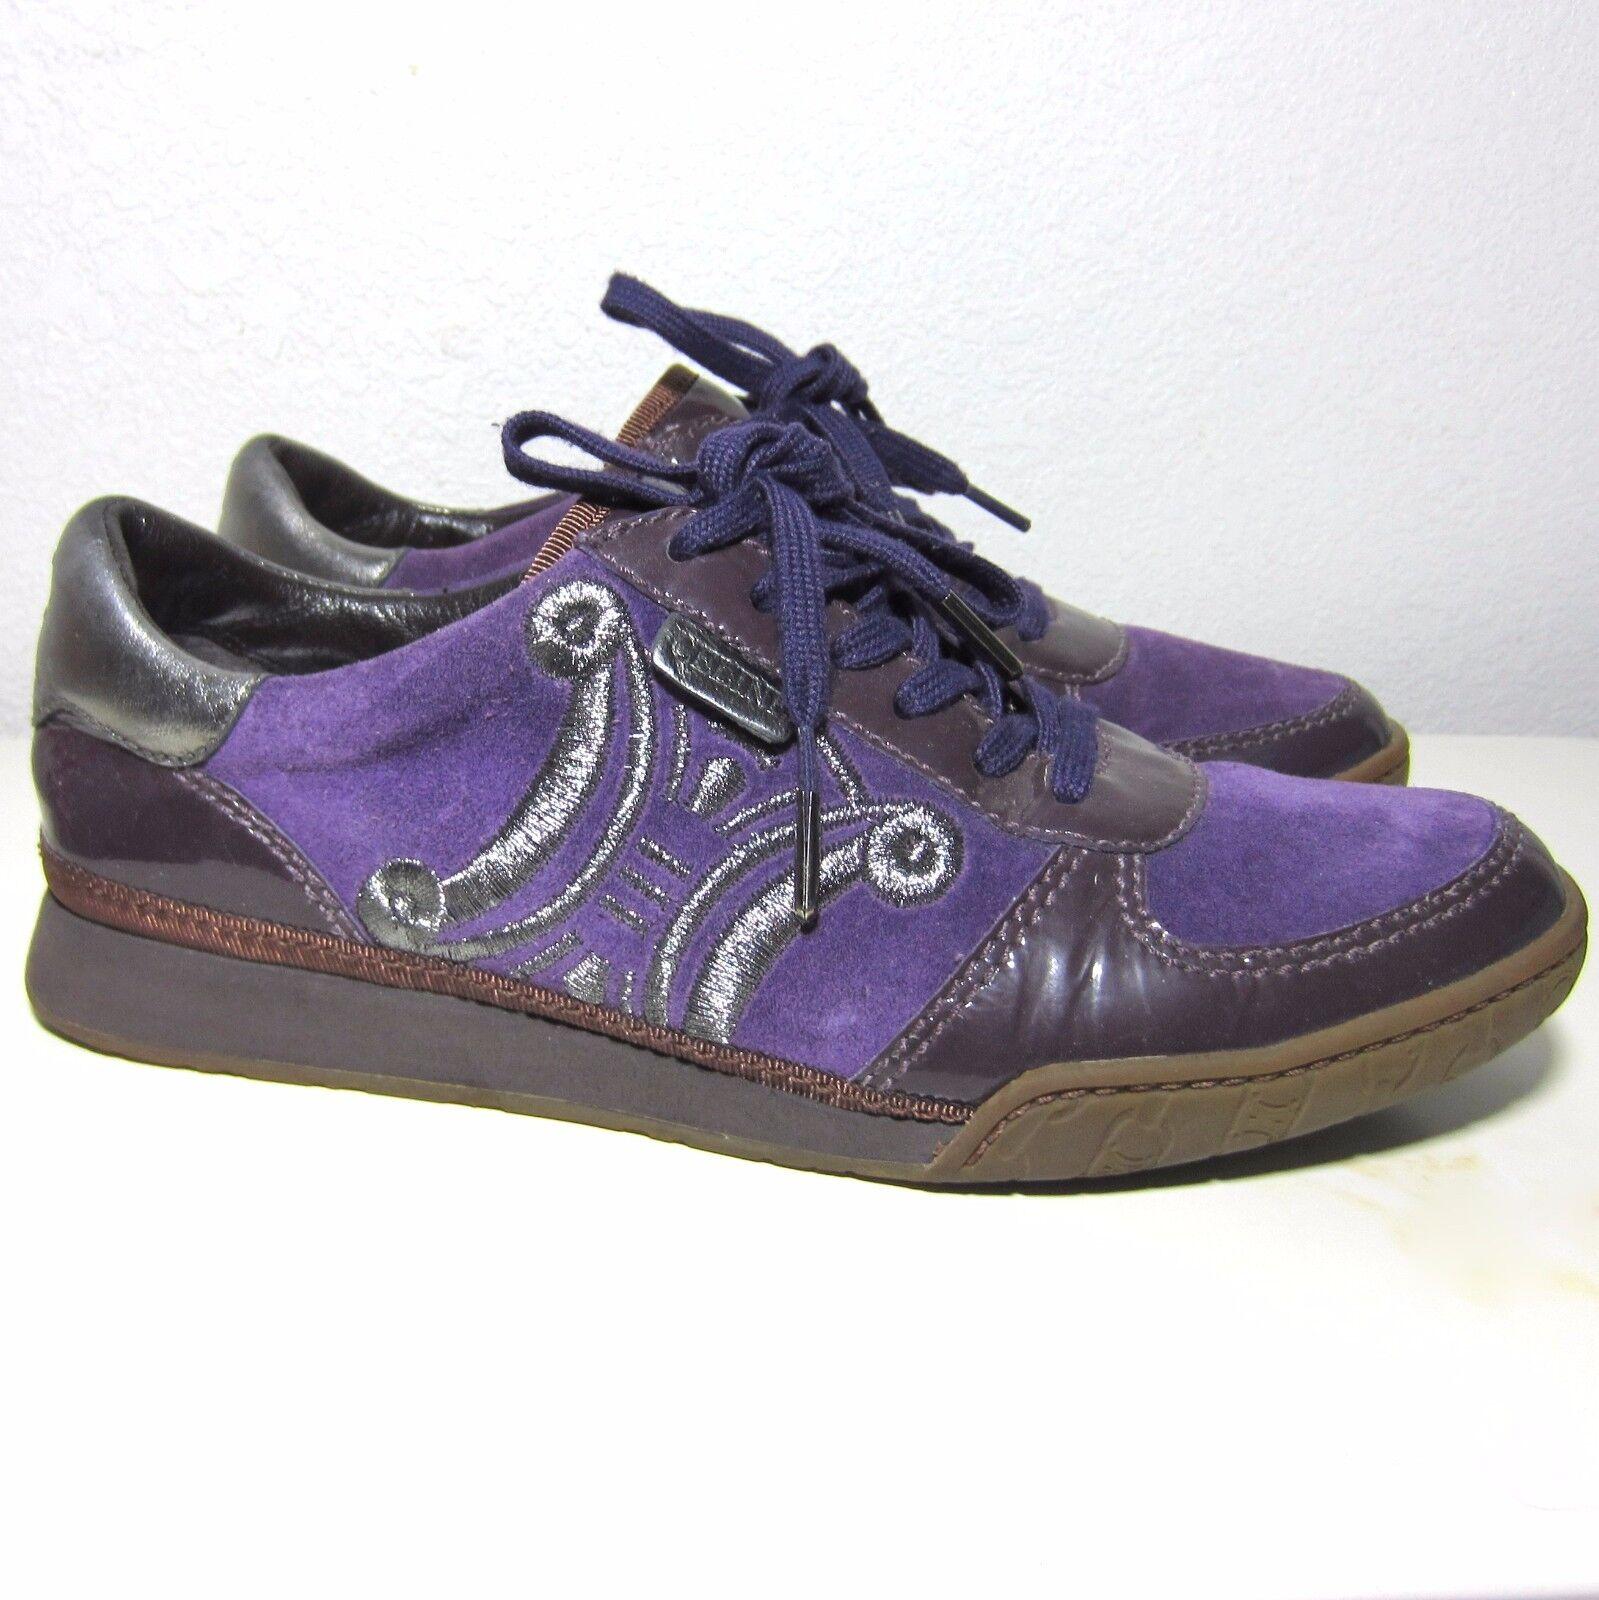 Celine Purple Gum Sole Lace Up Sneakers Size 36